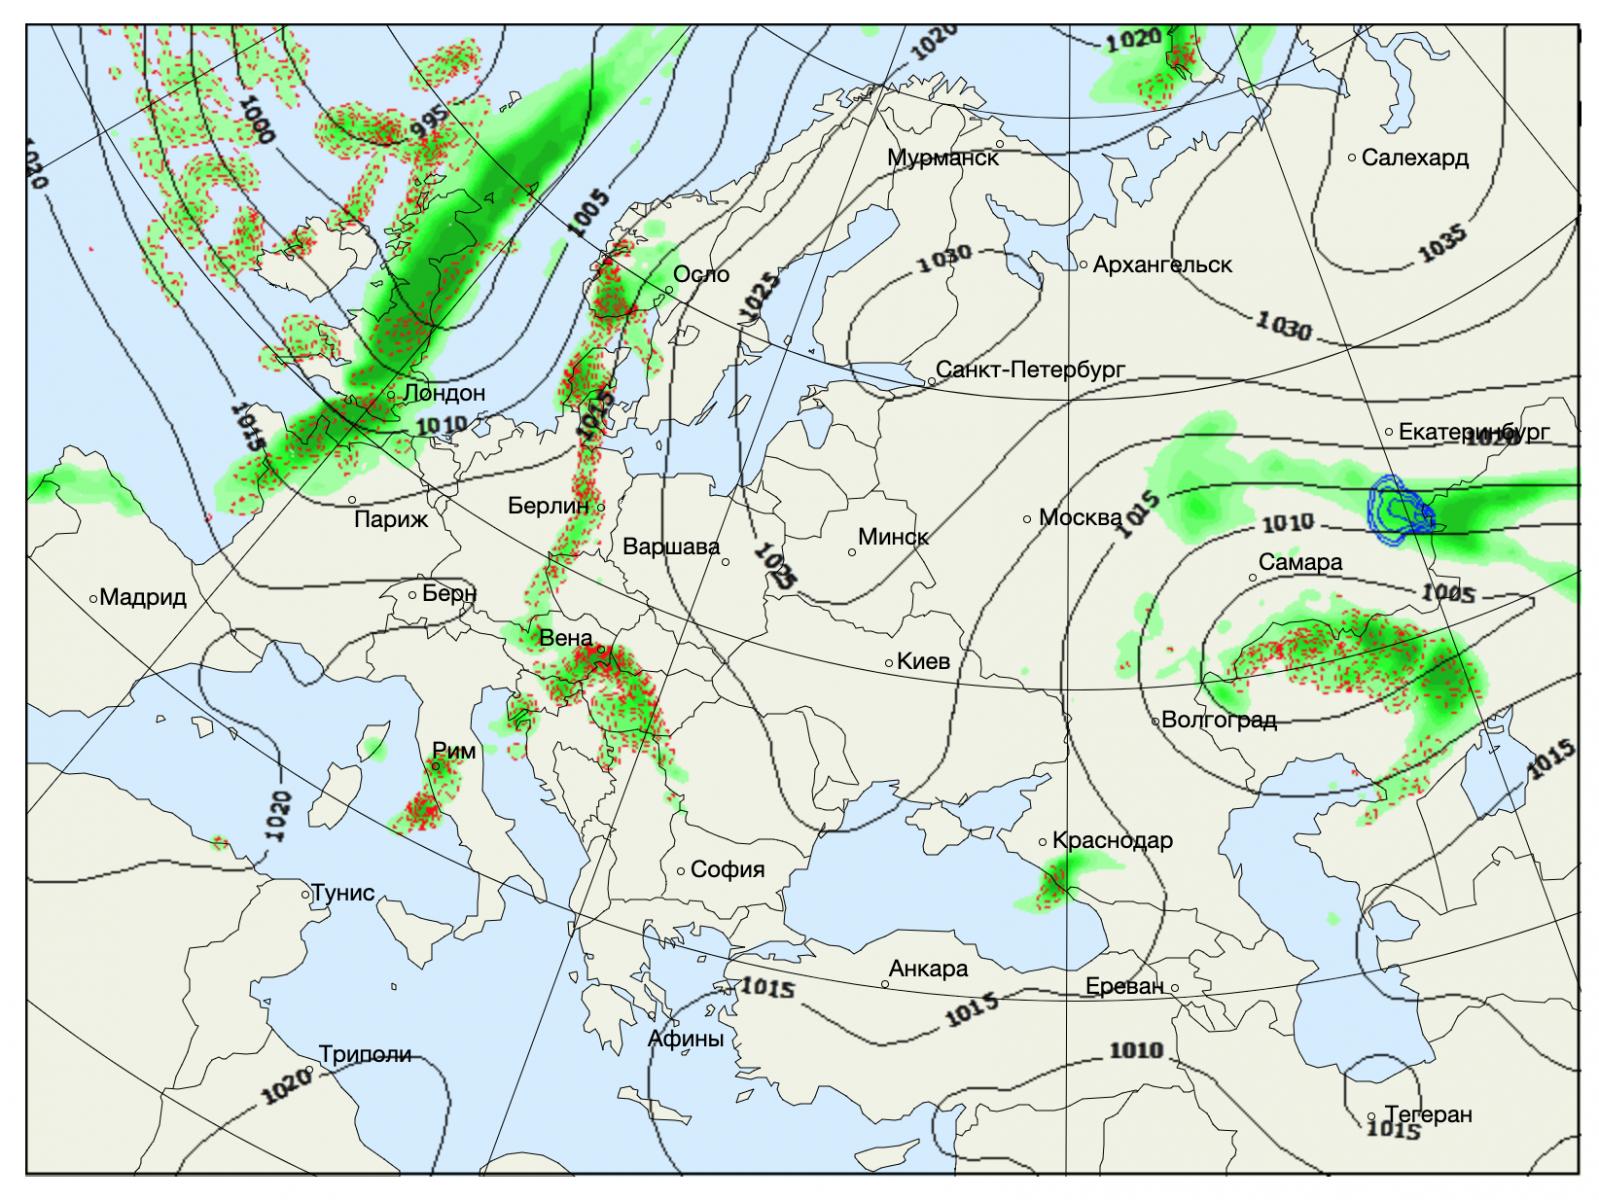 Осадки в Европе. Карта: Gismeteo